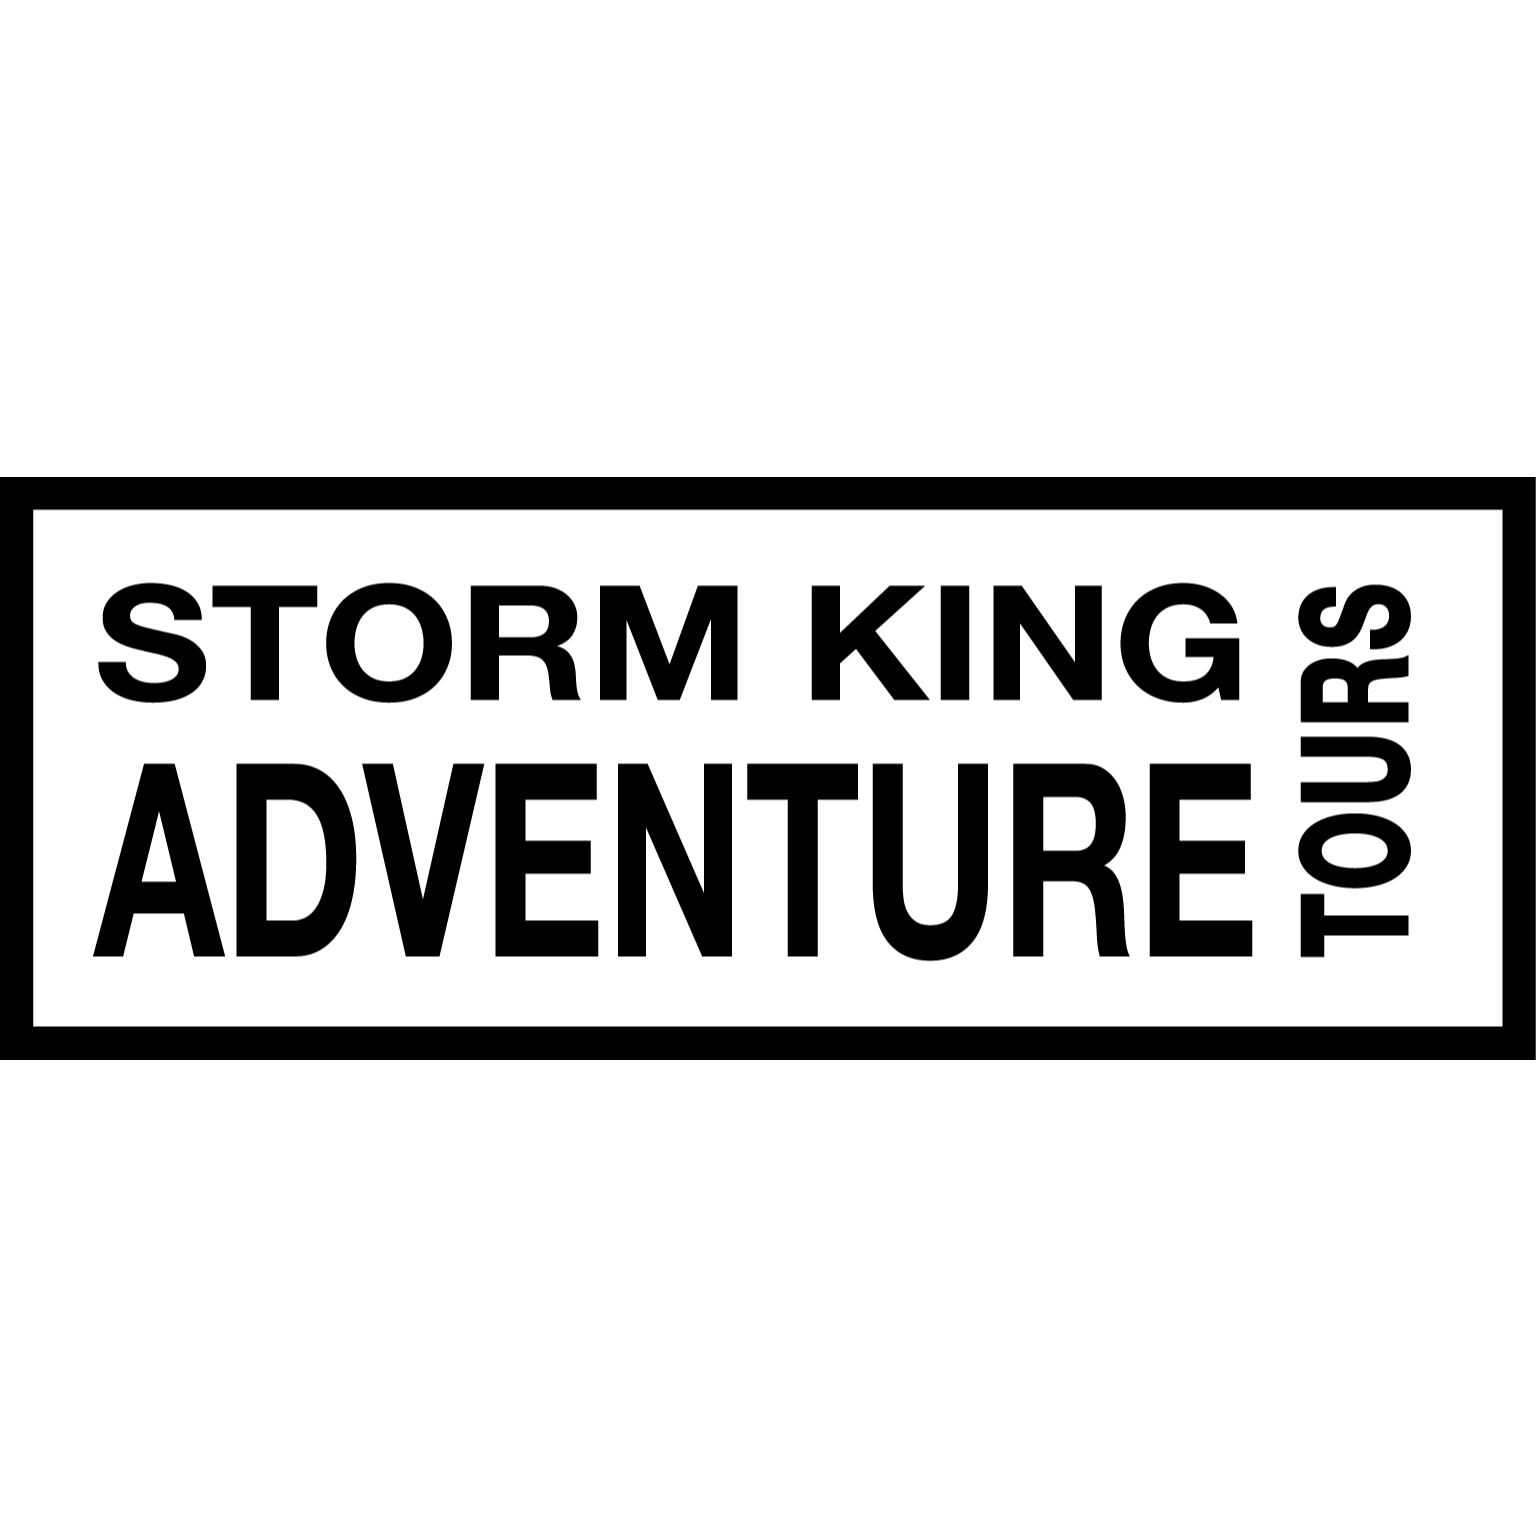 Storm King Adventure Tours